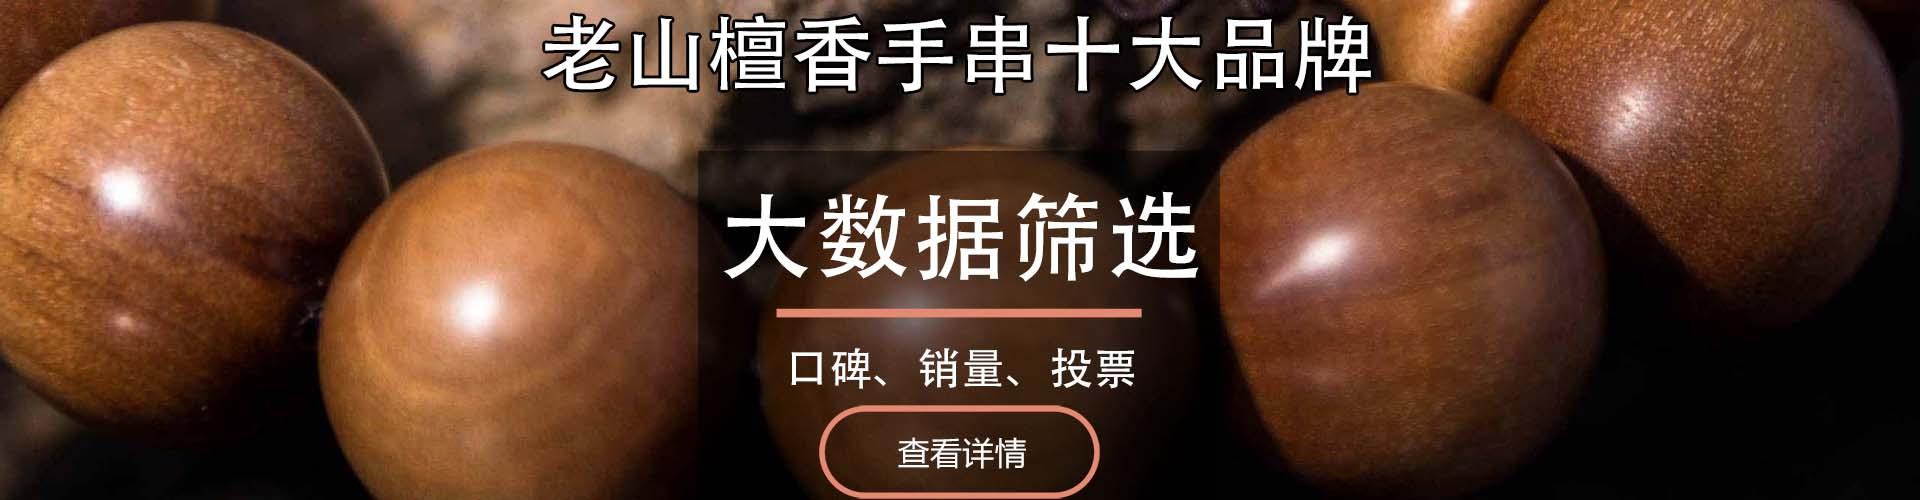 老山檀香手串十大品牌排行榜